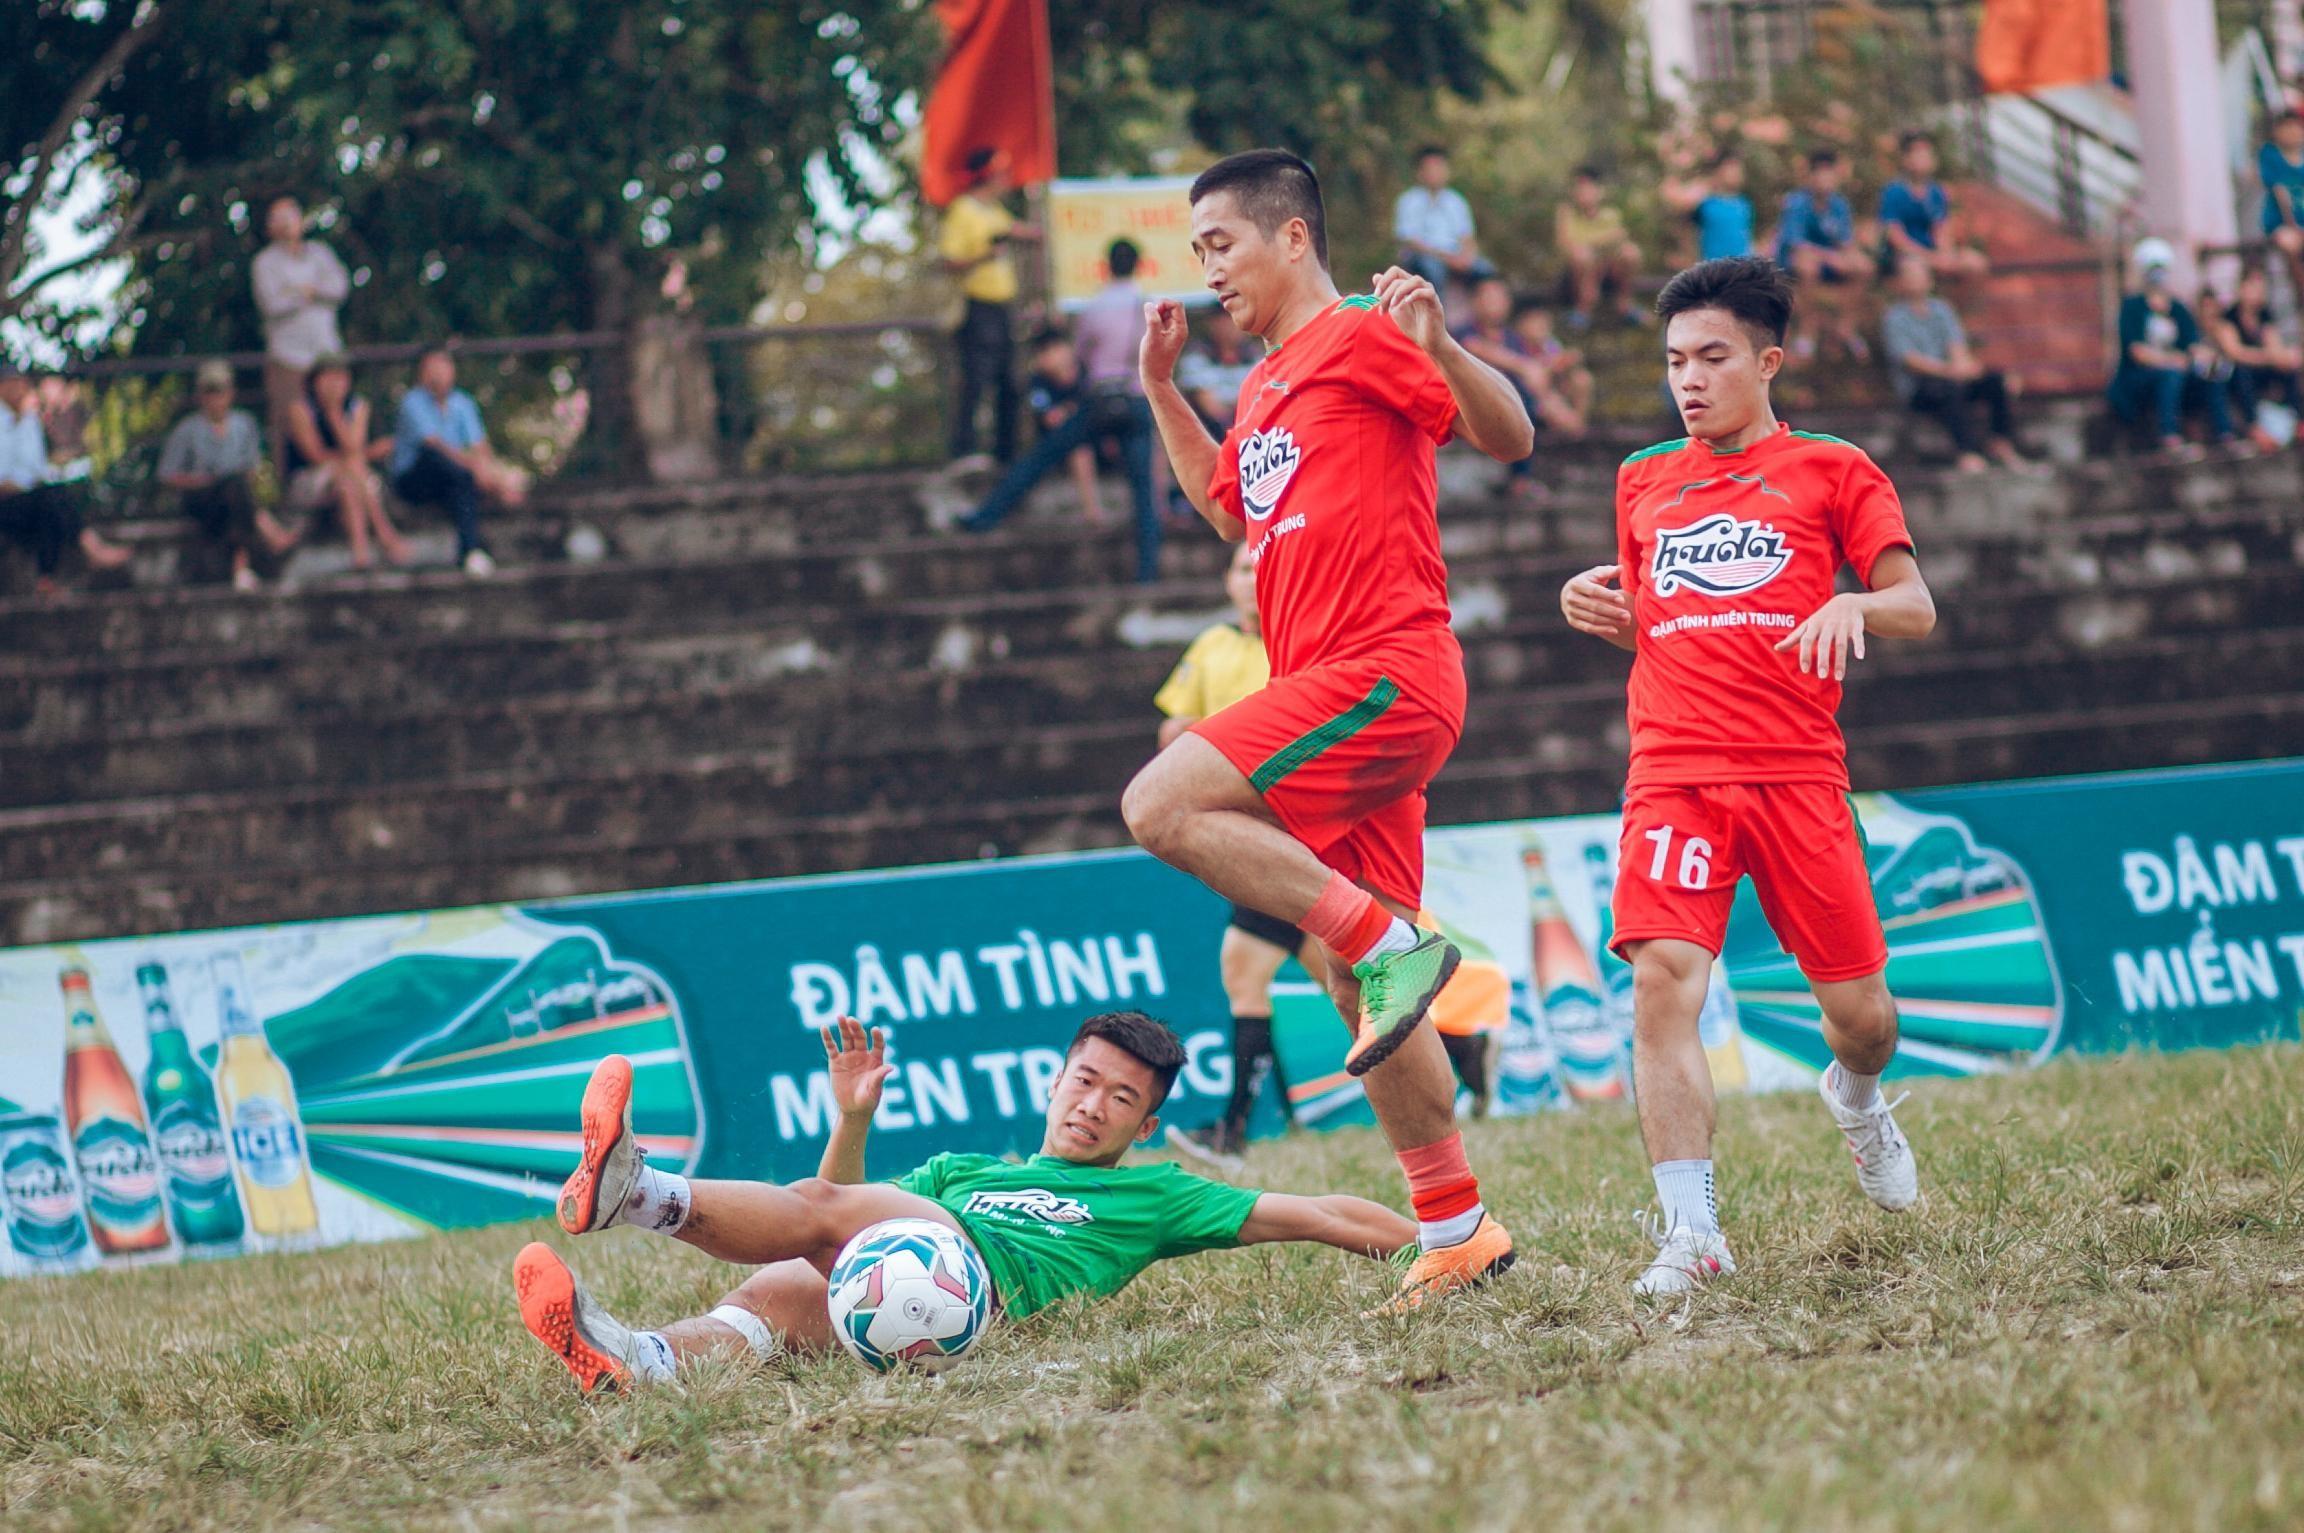 Cúp Huda 2018 mang đến những trận cầu đẹp mắt và sôi động cho người hâm mộ bóng đá